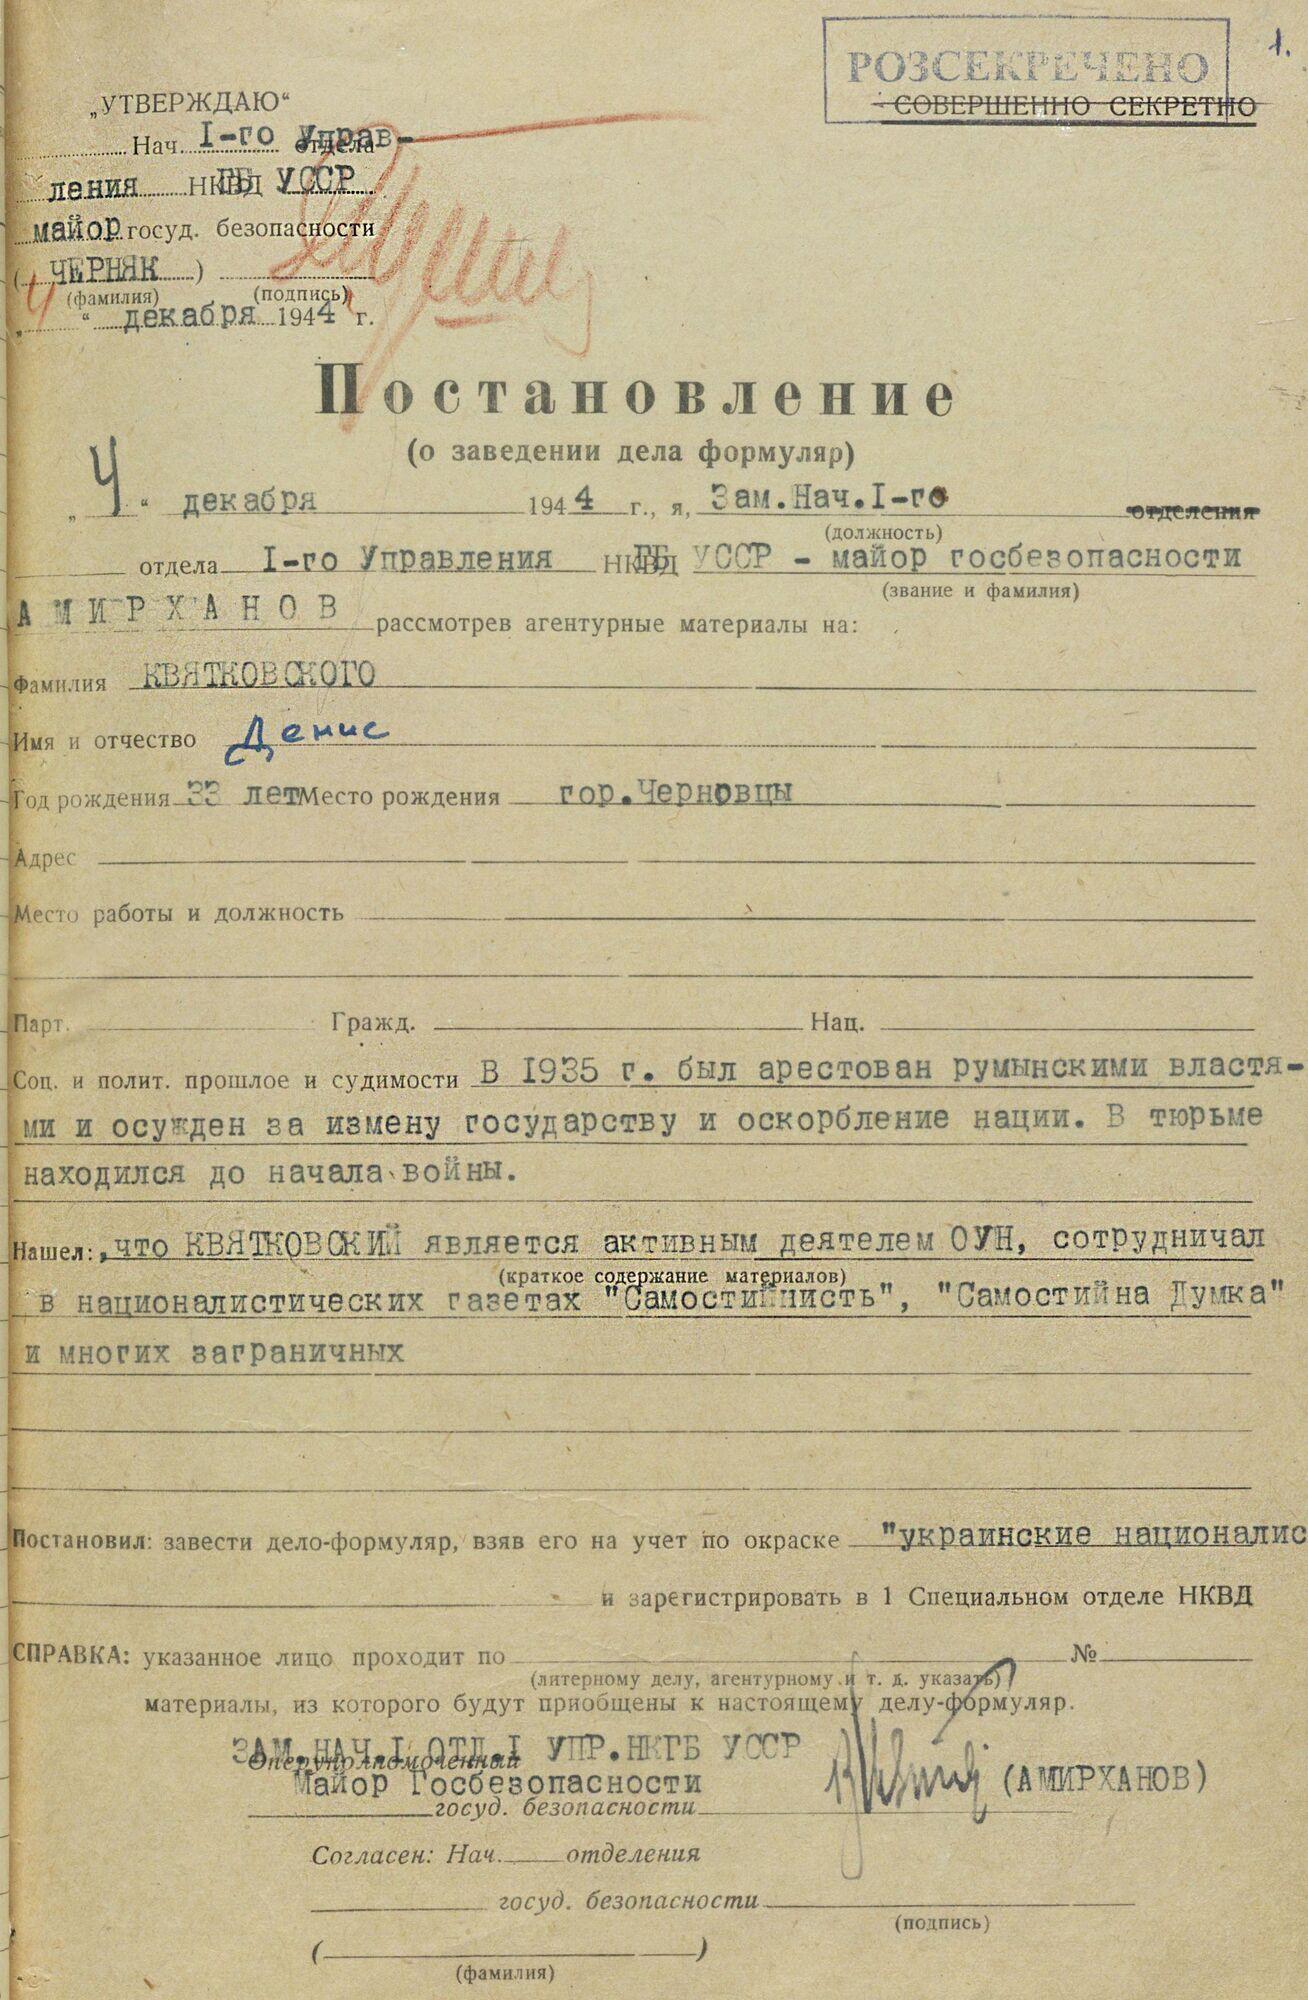 В Отраслевом государственном архиве СВРУ сохранились материалы о Денисе Квитковском